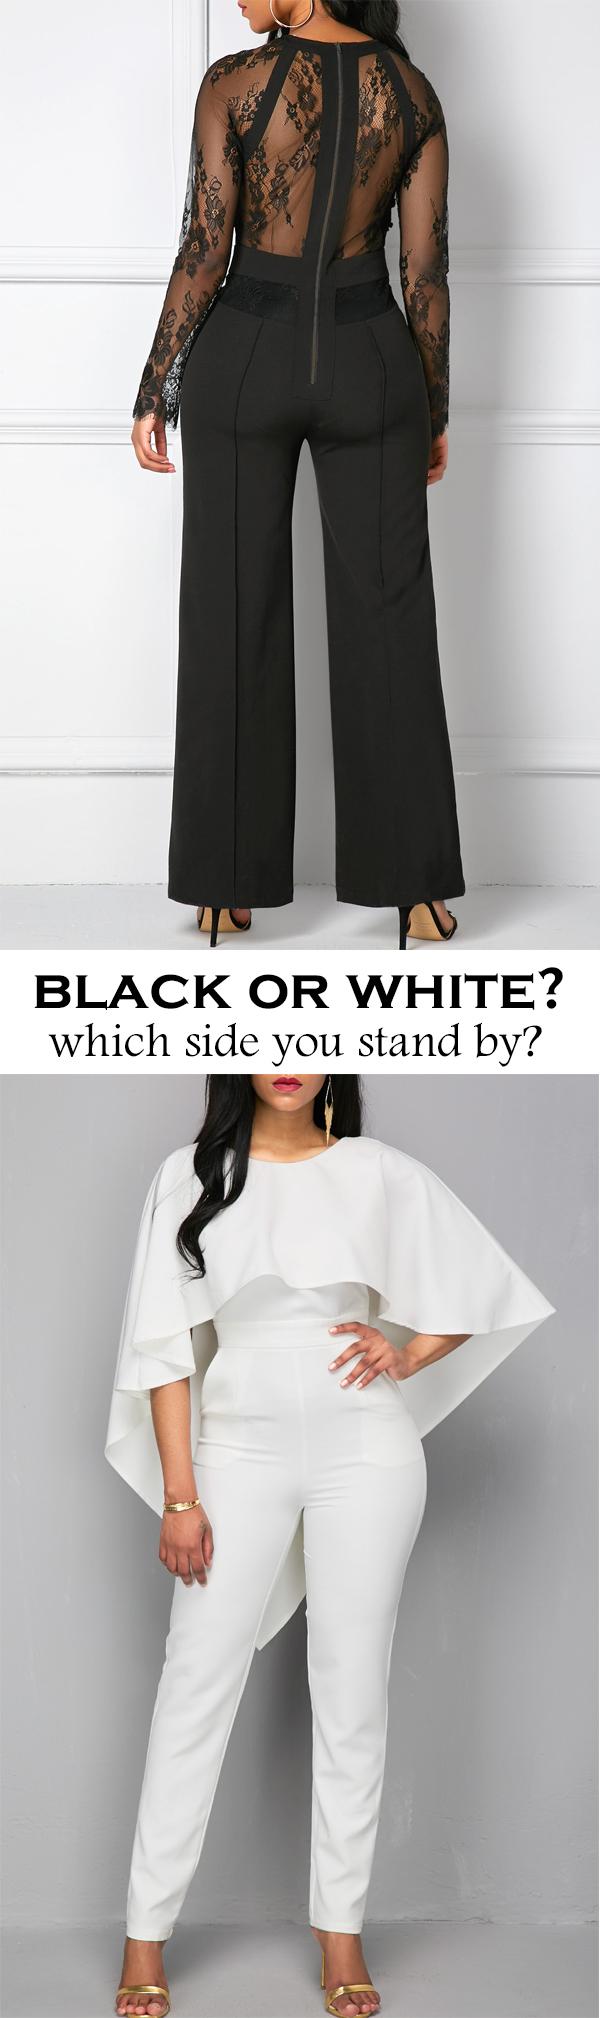 6d7080f6e5f Black lace jumpsuit